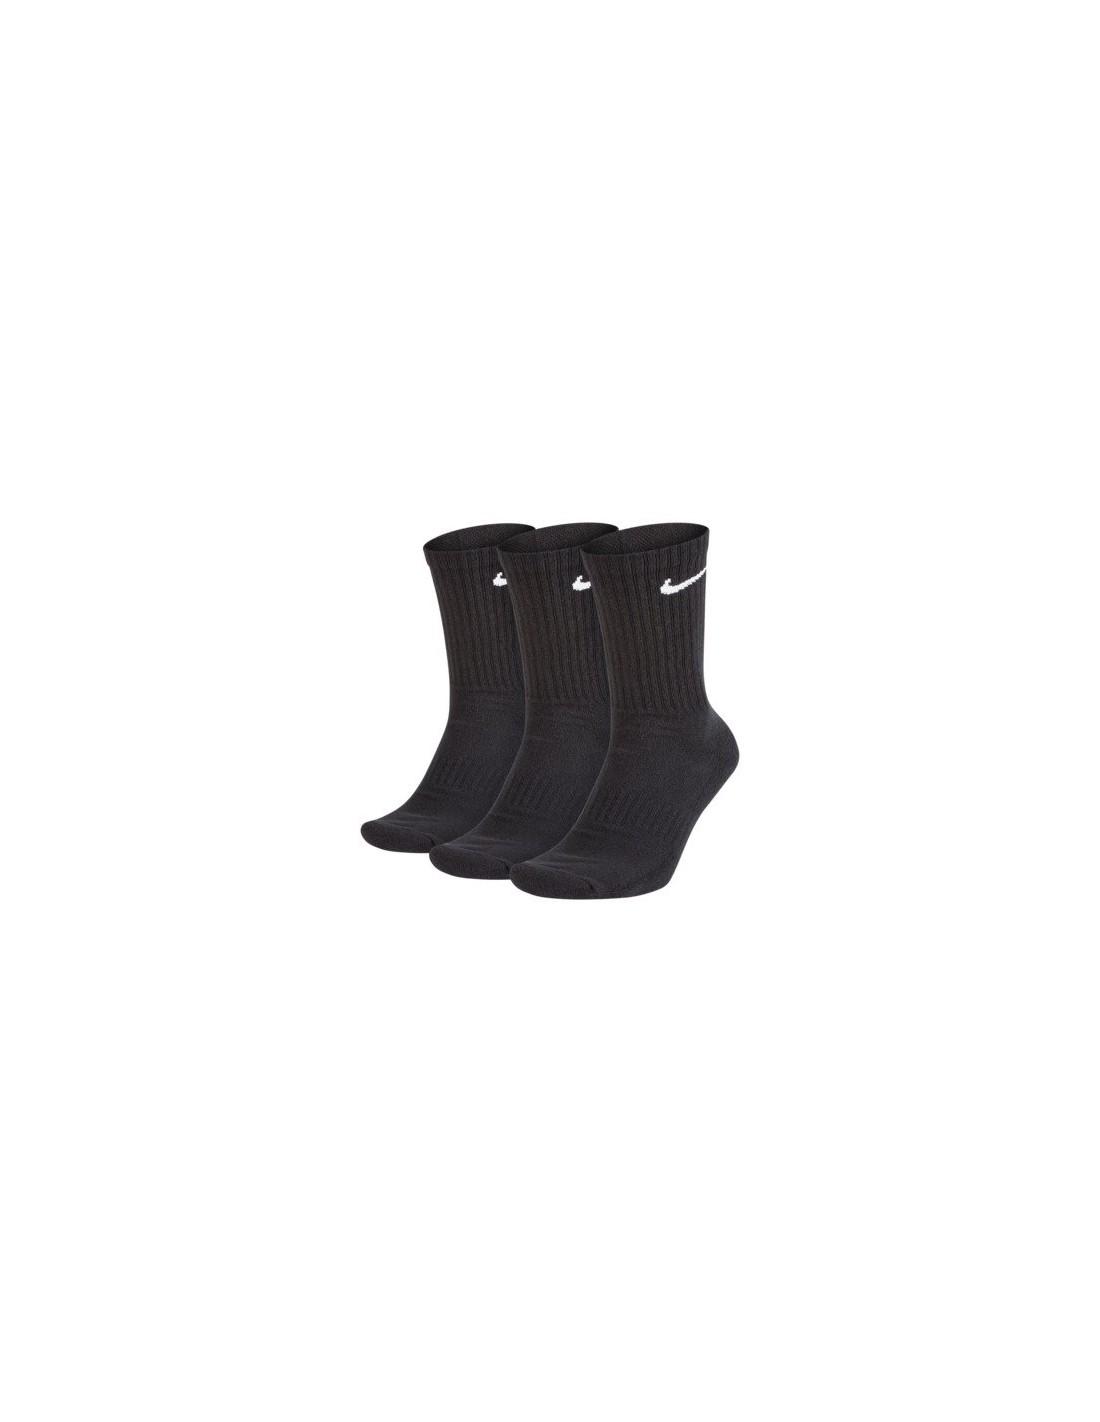 Bomullssokker Nike Everyday Cushion Crew Training Sock 3pk  SX7664 129 kr